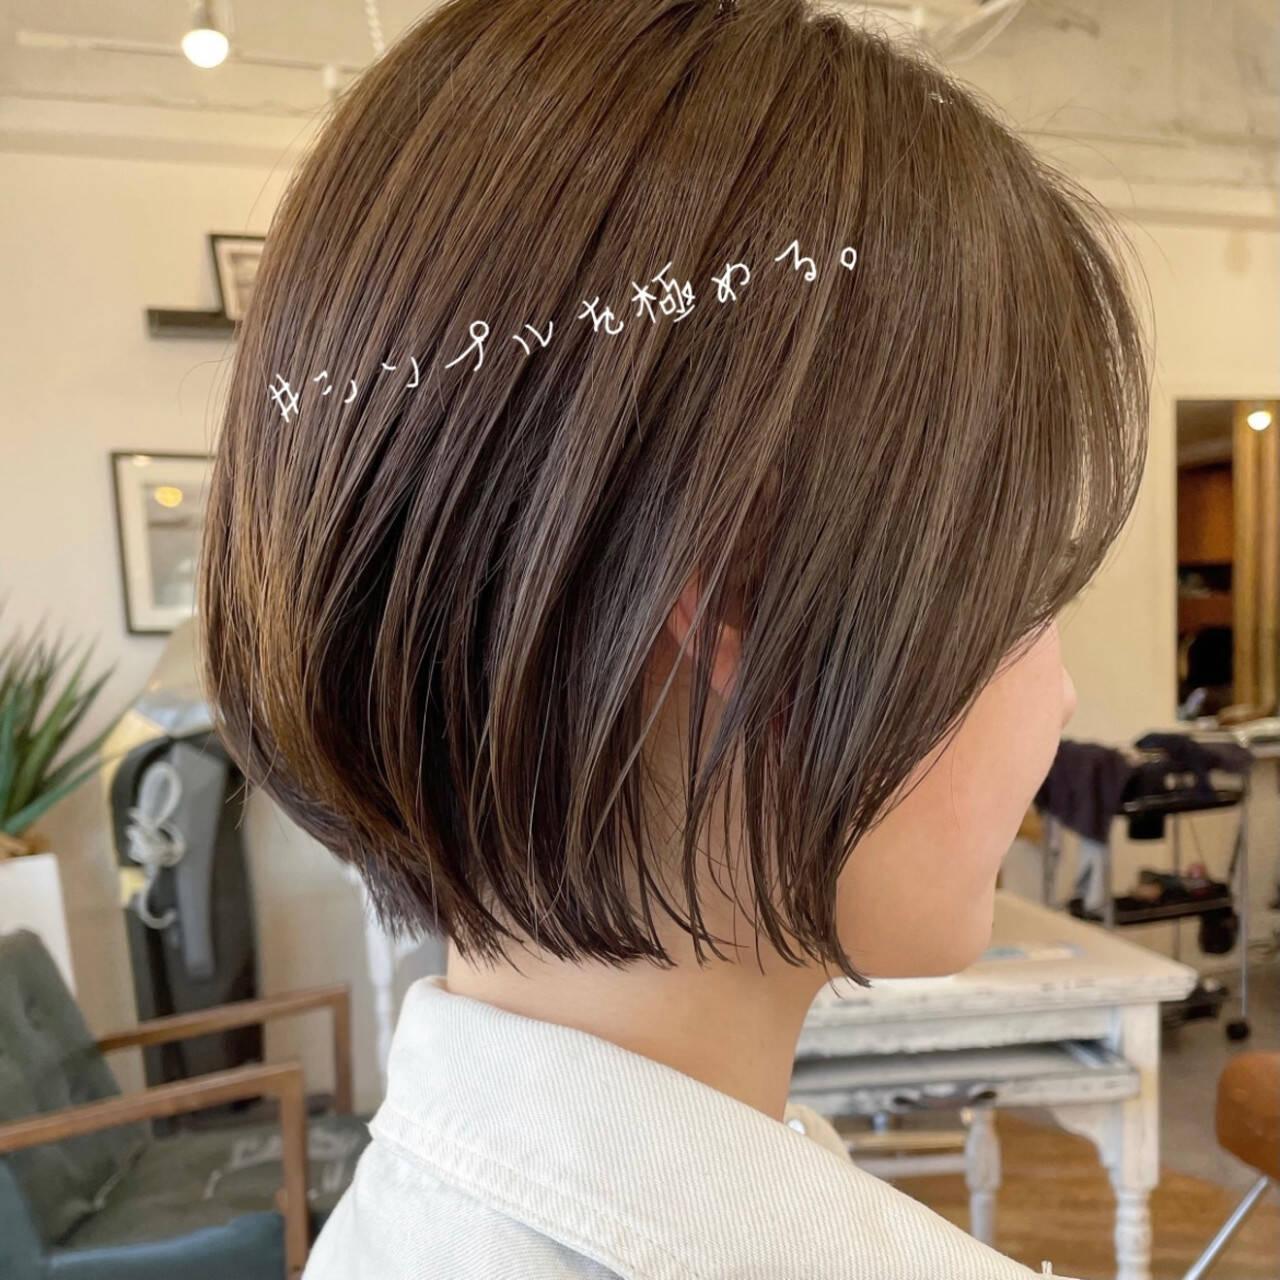 ショートヘア ベリーショート ショートボブ ショートヘアスタイルや髪型の写真・画像